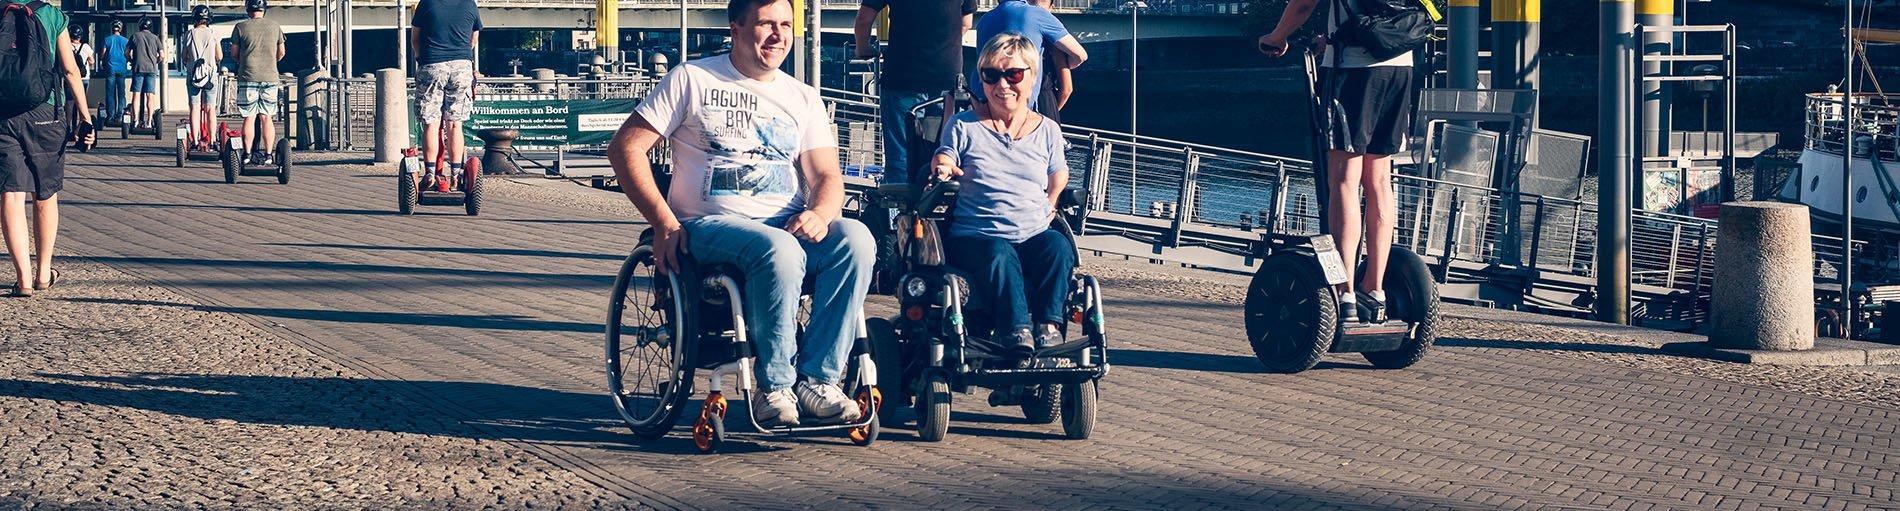 Ein lächelnder Mann und eine Frau im Rollstuhl an der Schlachte. Außerdem sind Menschen auf Segways unterwegs.